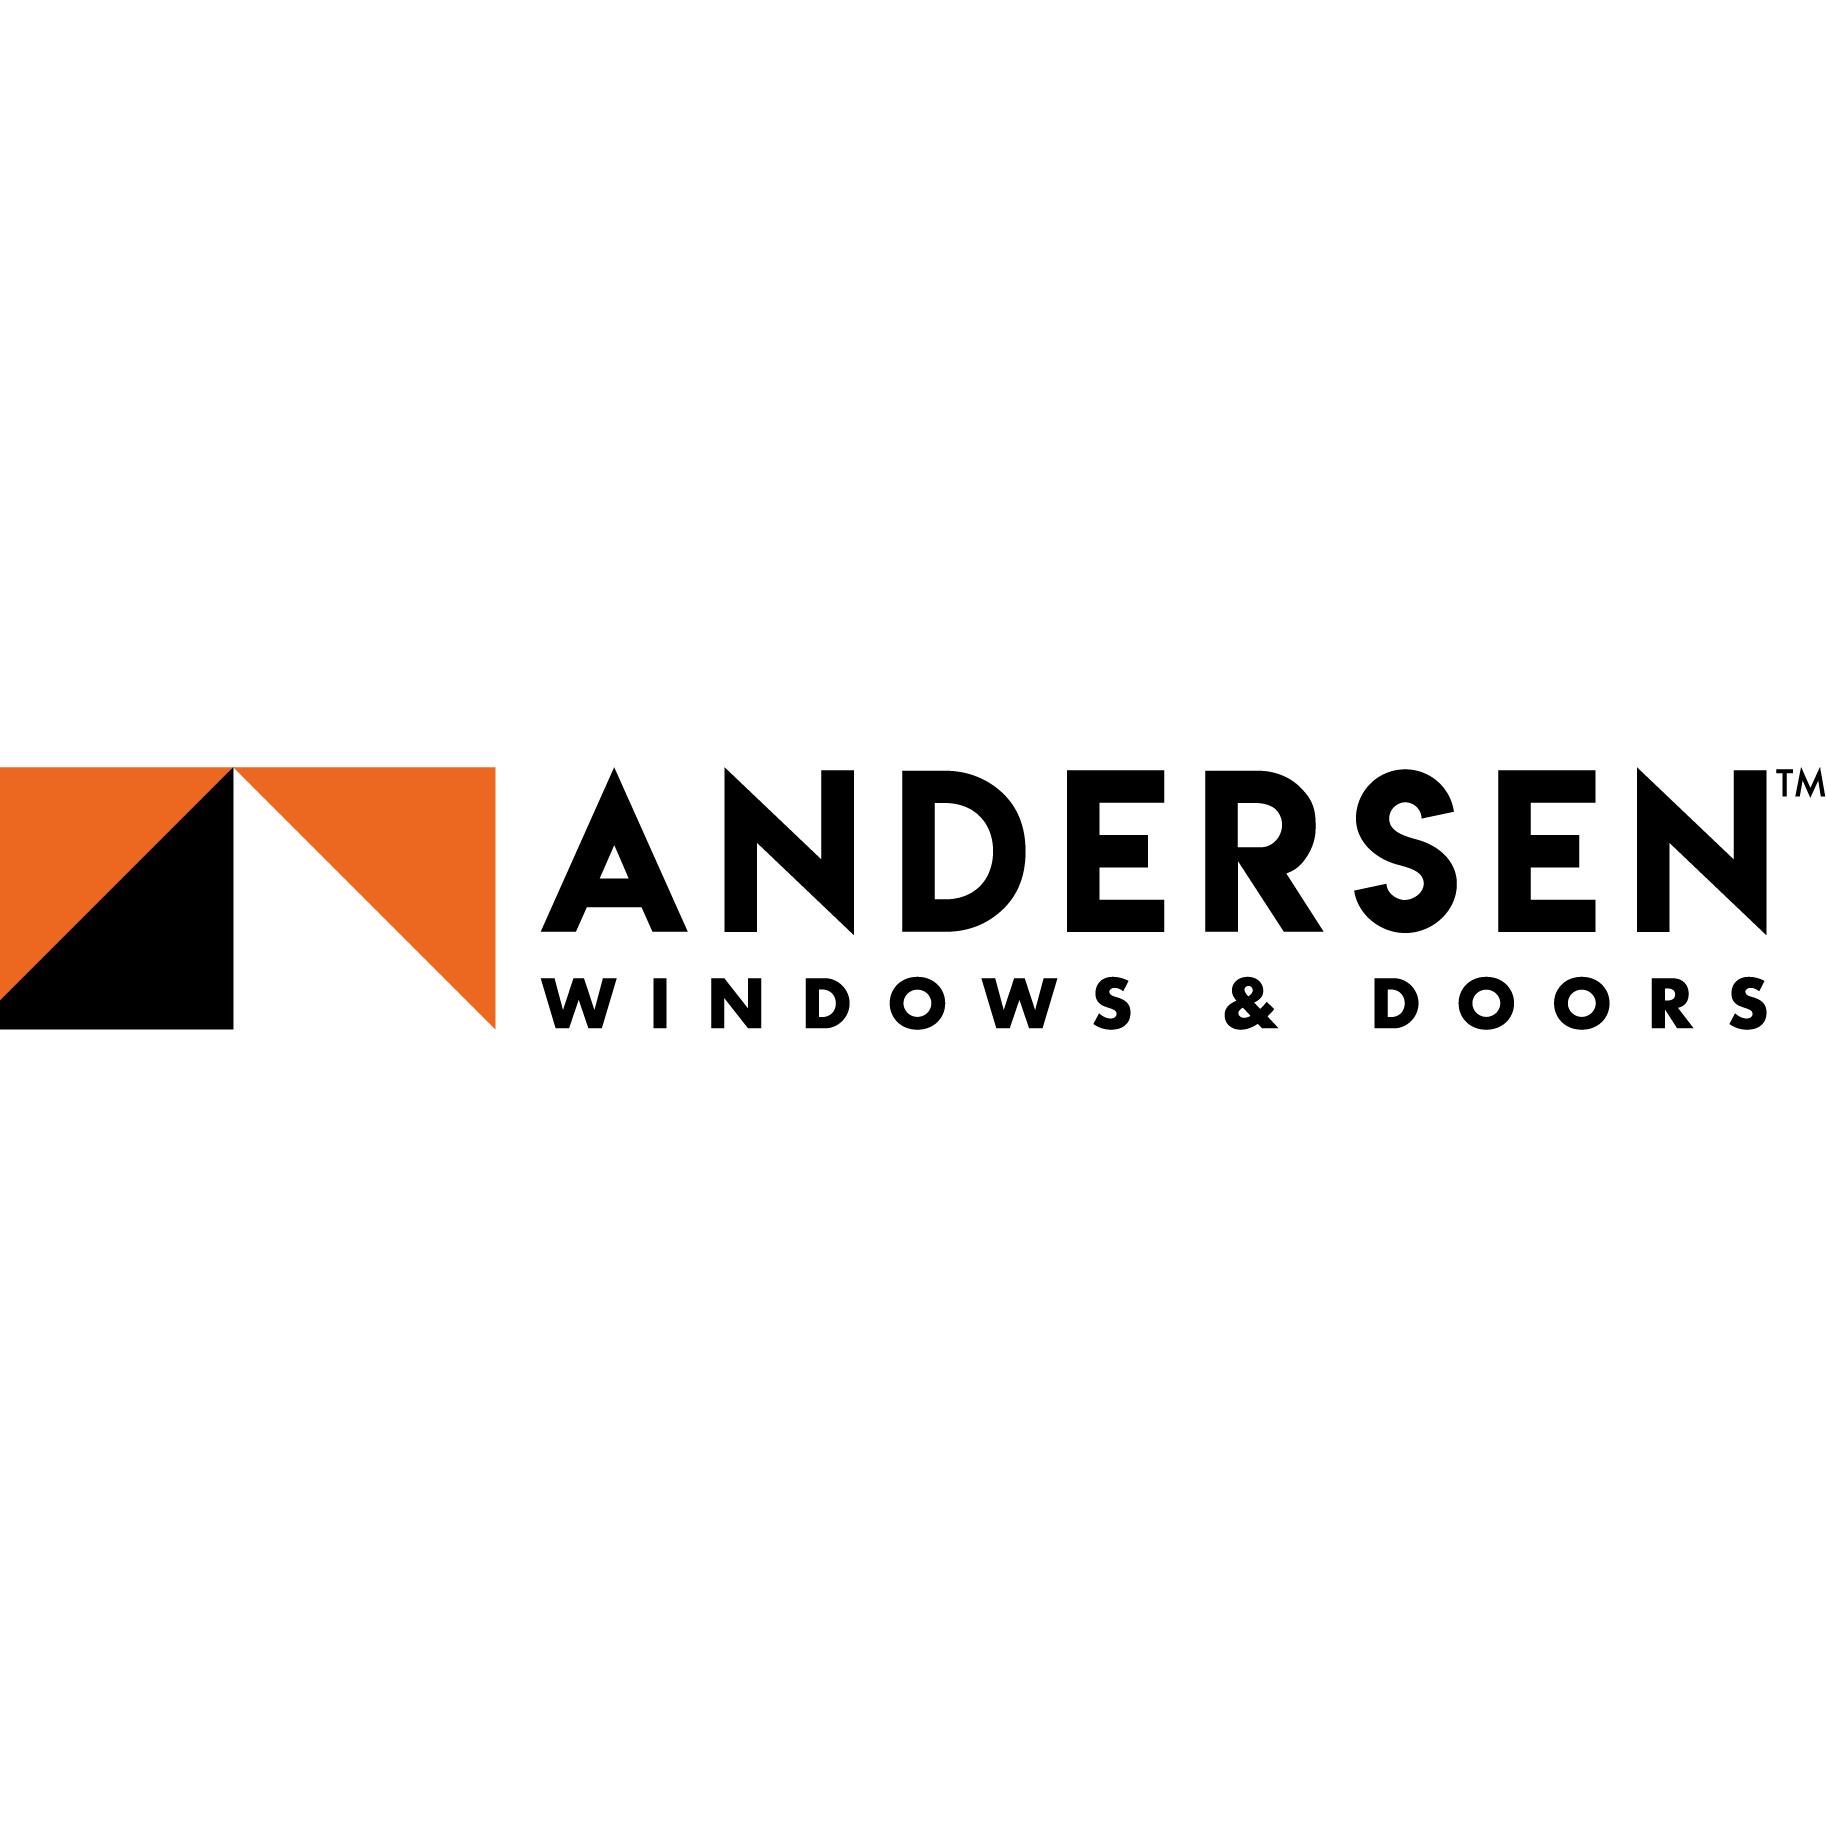 Andersen Windows and Doors logo